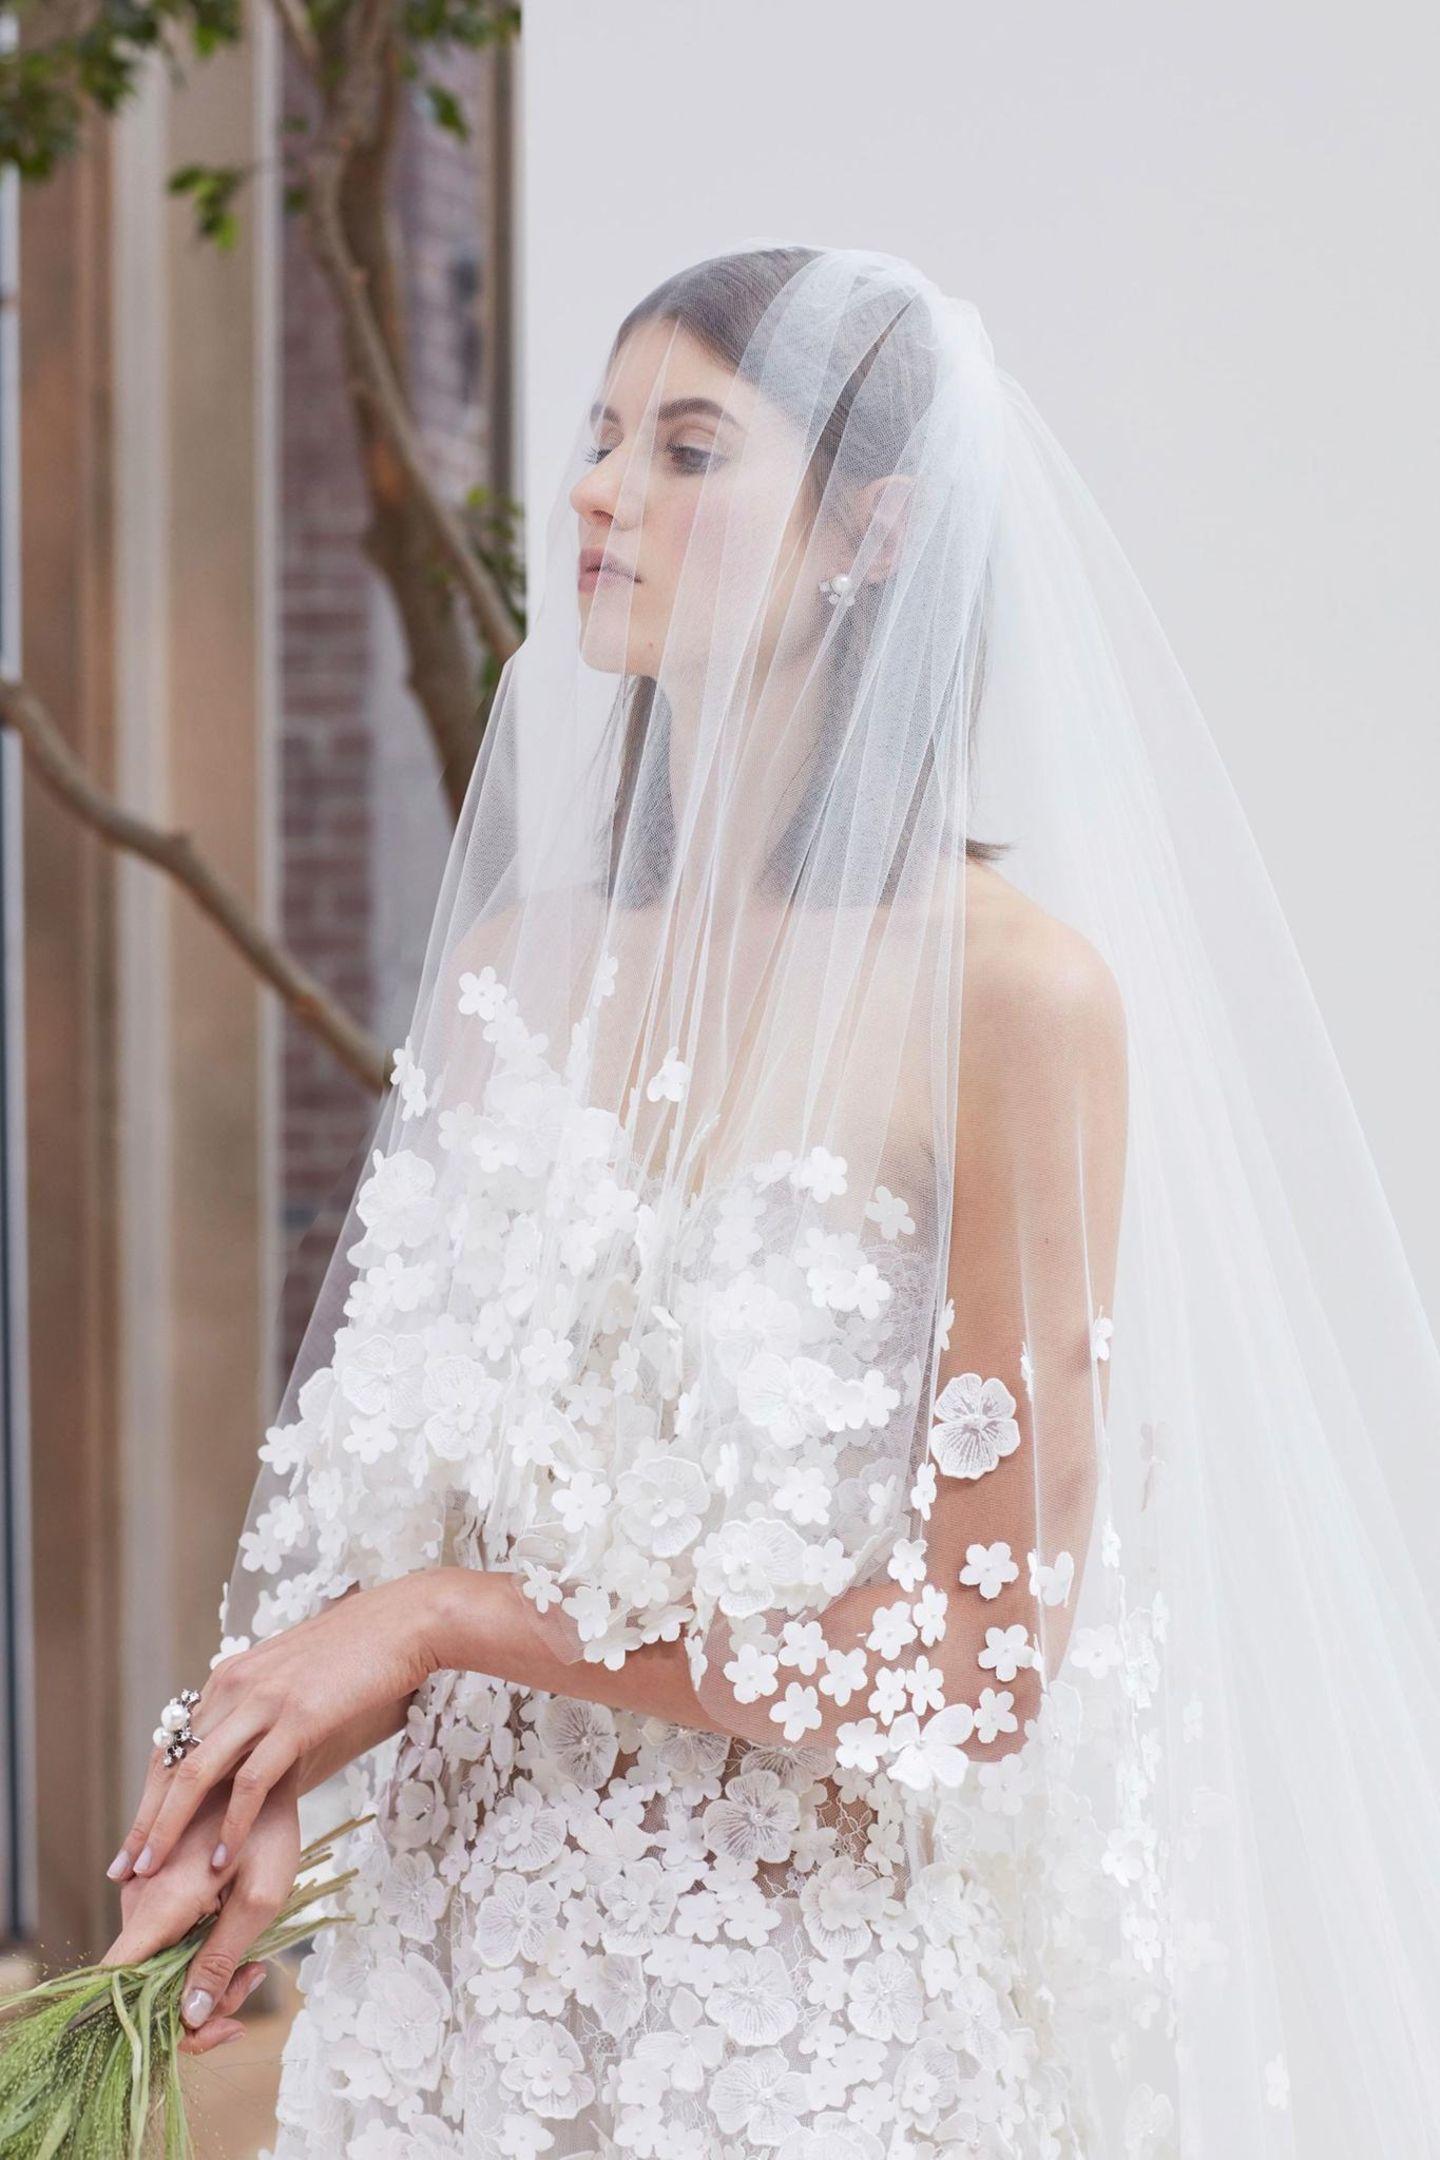 Brautfrisur mit Schleier: Frau mit Brautkleid und Schleier